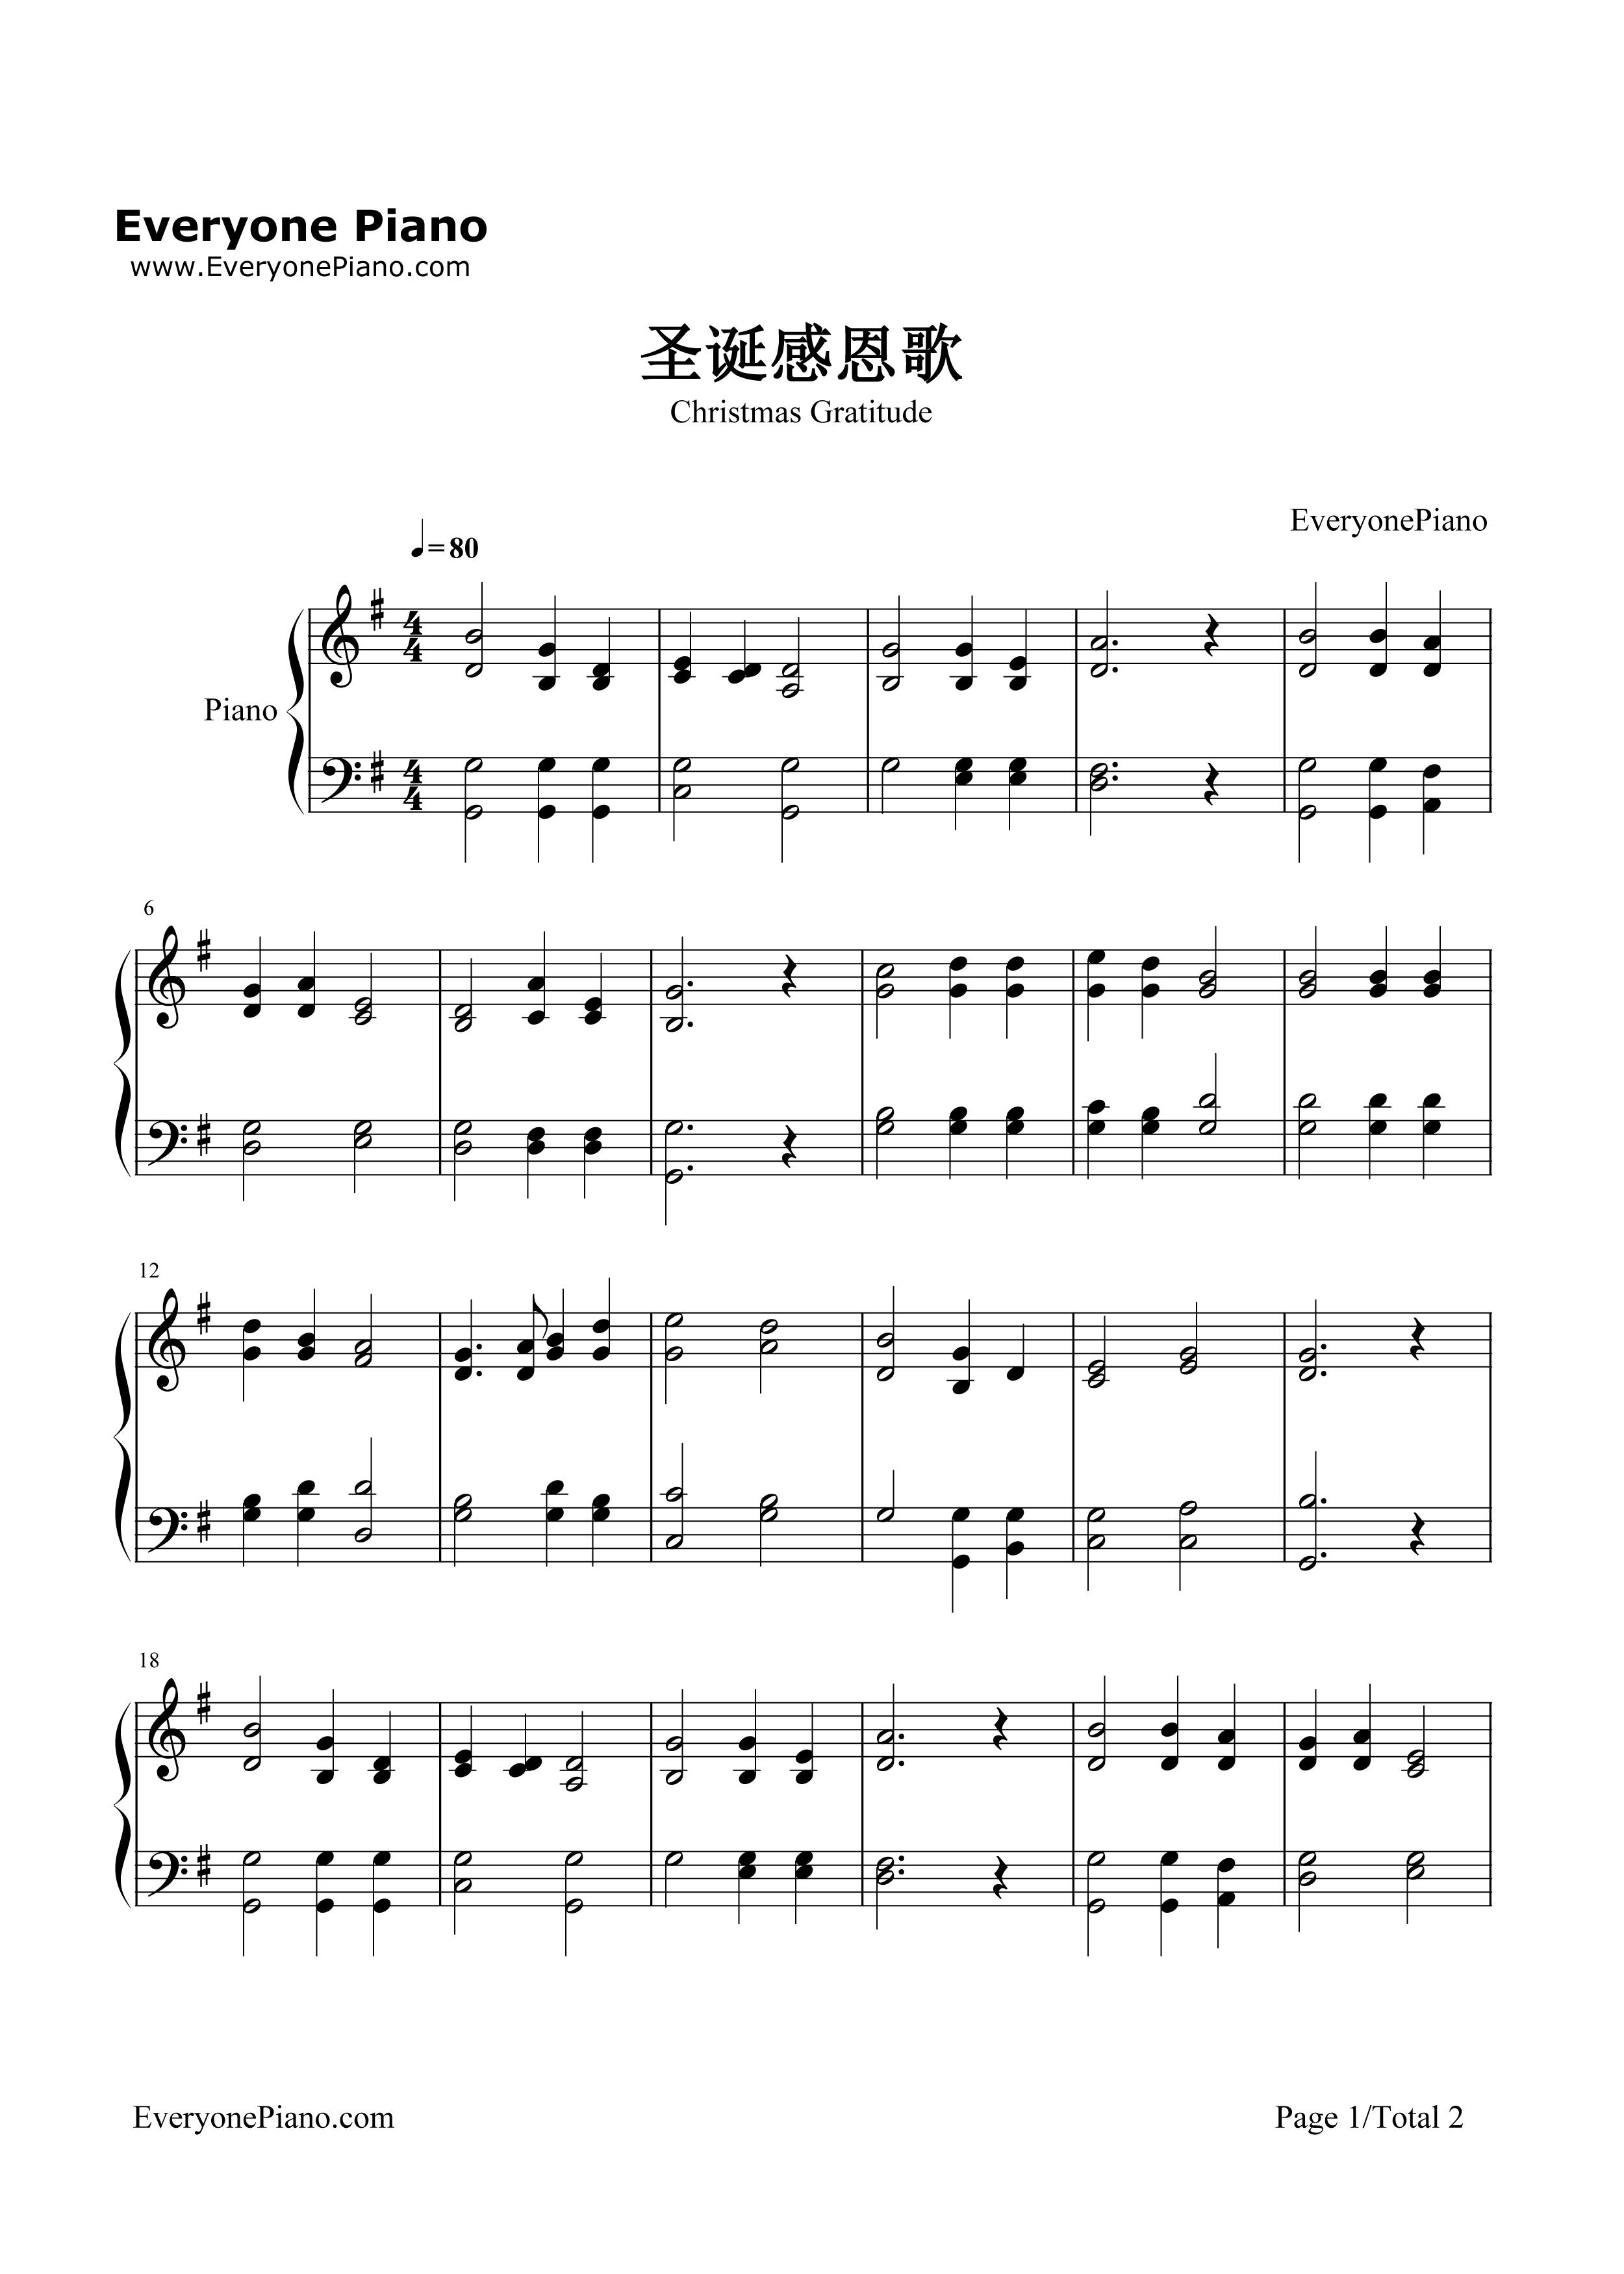 钢琴曲谱 流行 圣诞感恩歌-圣诞歌曲 圣诞感恩歌-圣诞歌曲五线谱预览1